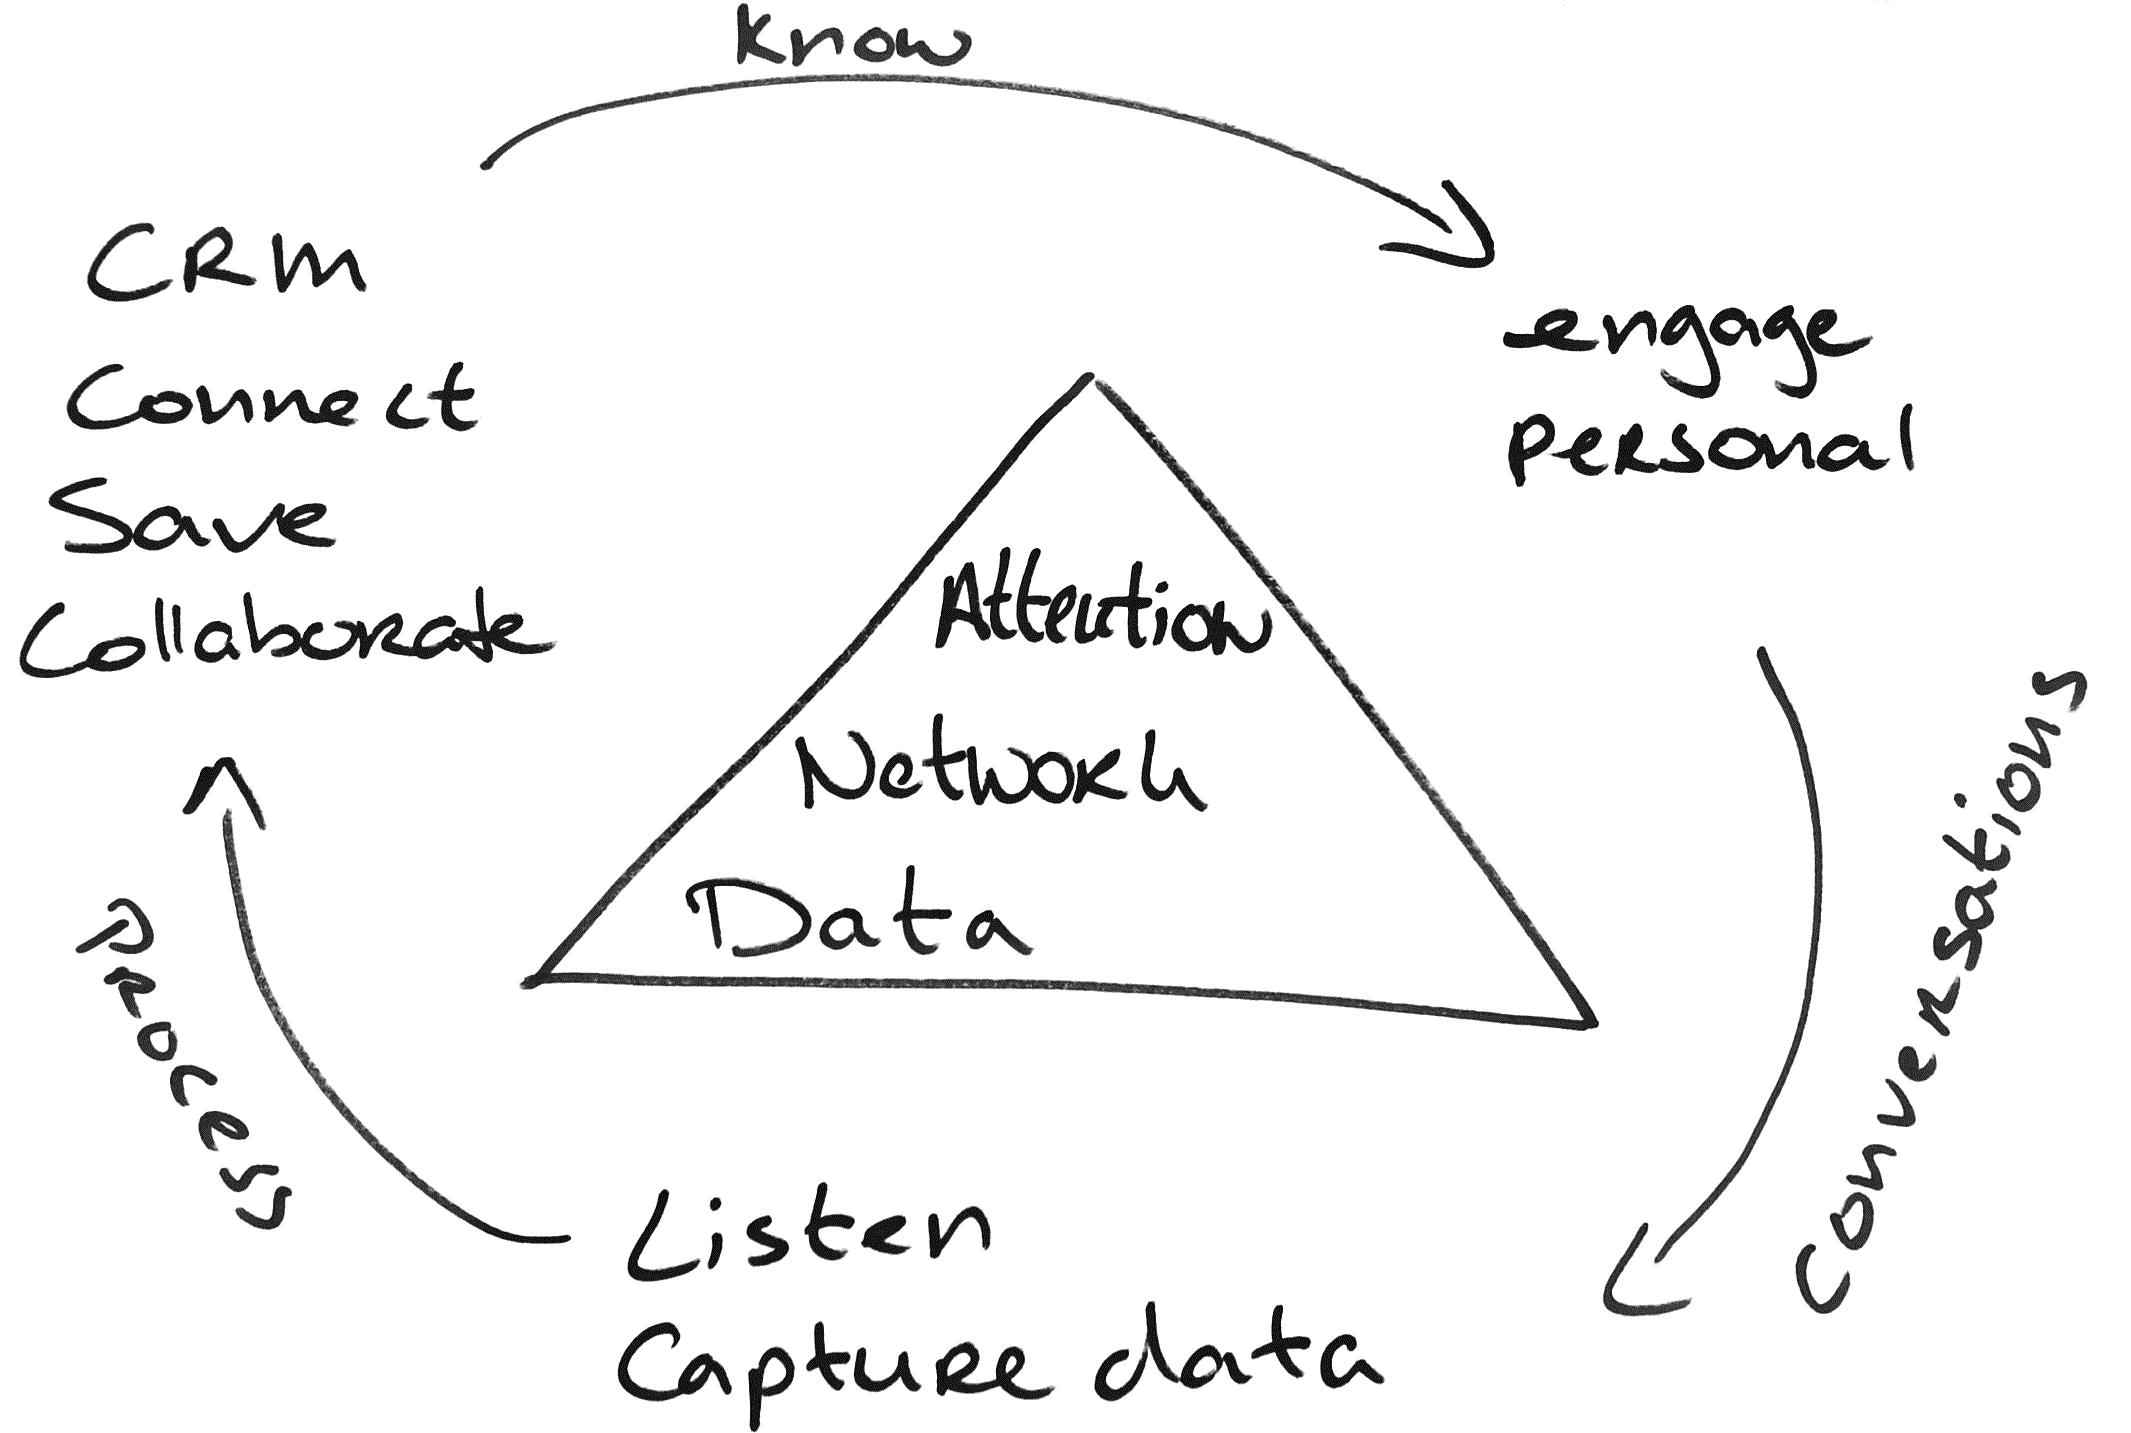 linkedin-model